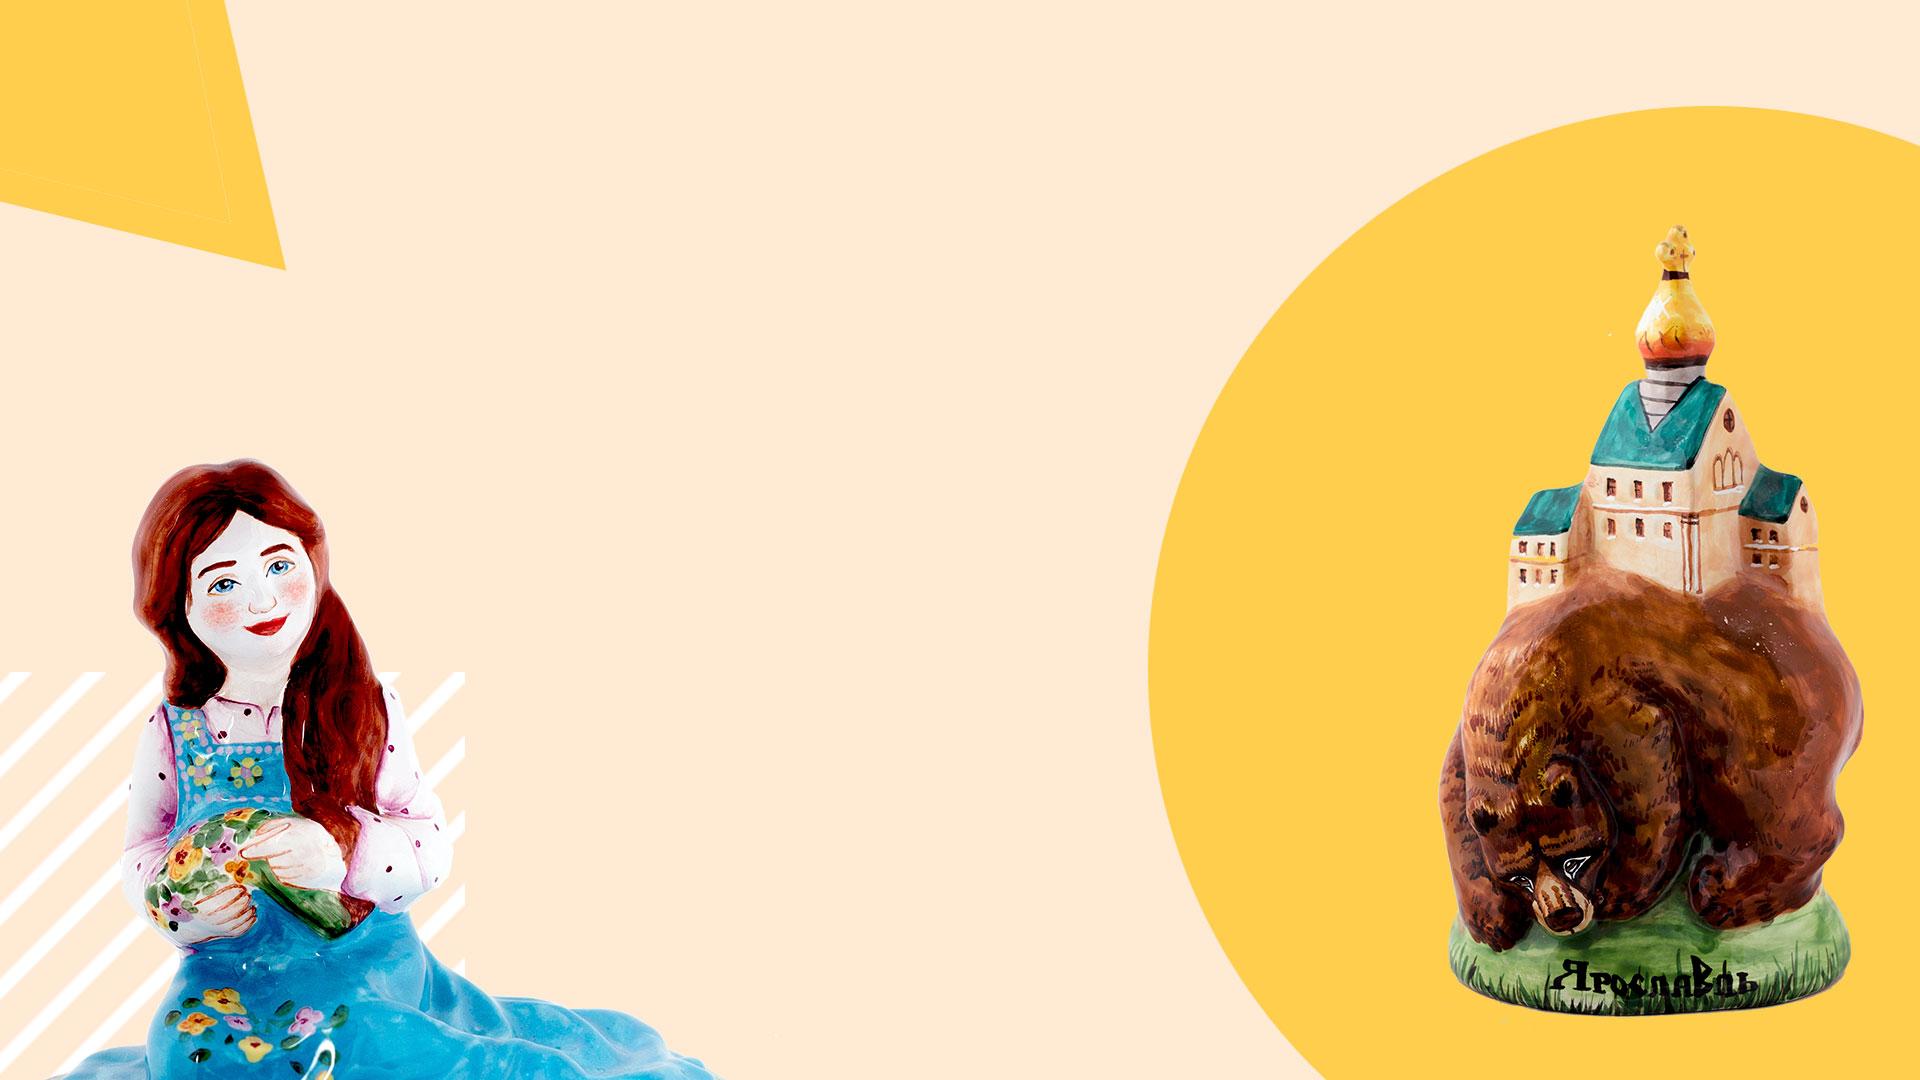 Изображение фигур девушки и медведя на абстрактном фоне в технике ярославская майоликаяросла